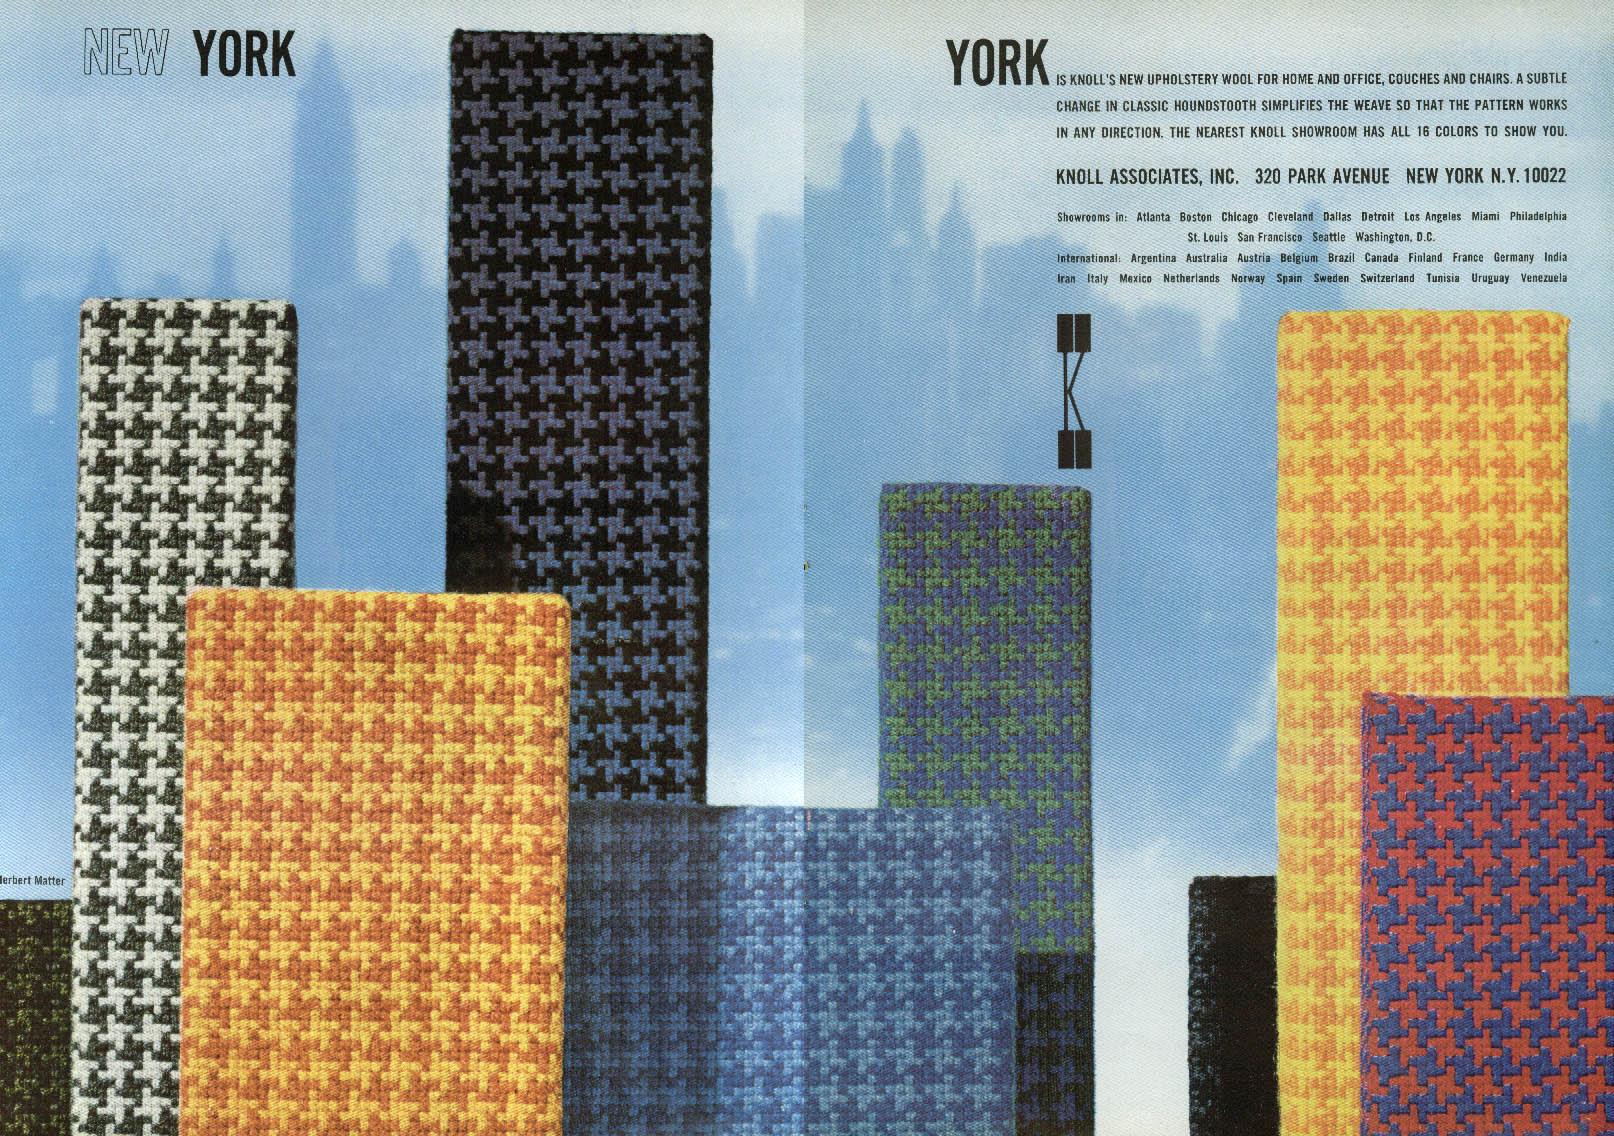 New York Upholstery Fabric Knoll Associates ad 1965 Herbert Matter design